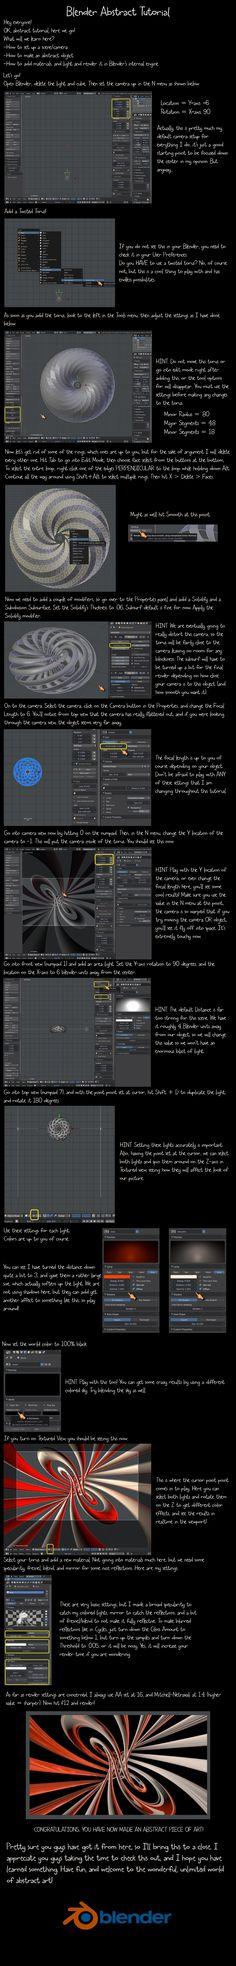 Blender Abstract Tutorial by VickyM72.deviantart.com on @DeviantArt